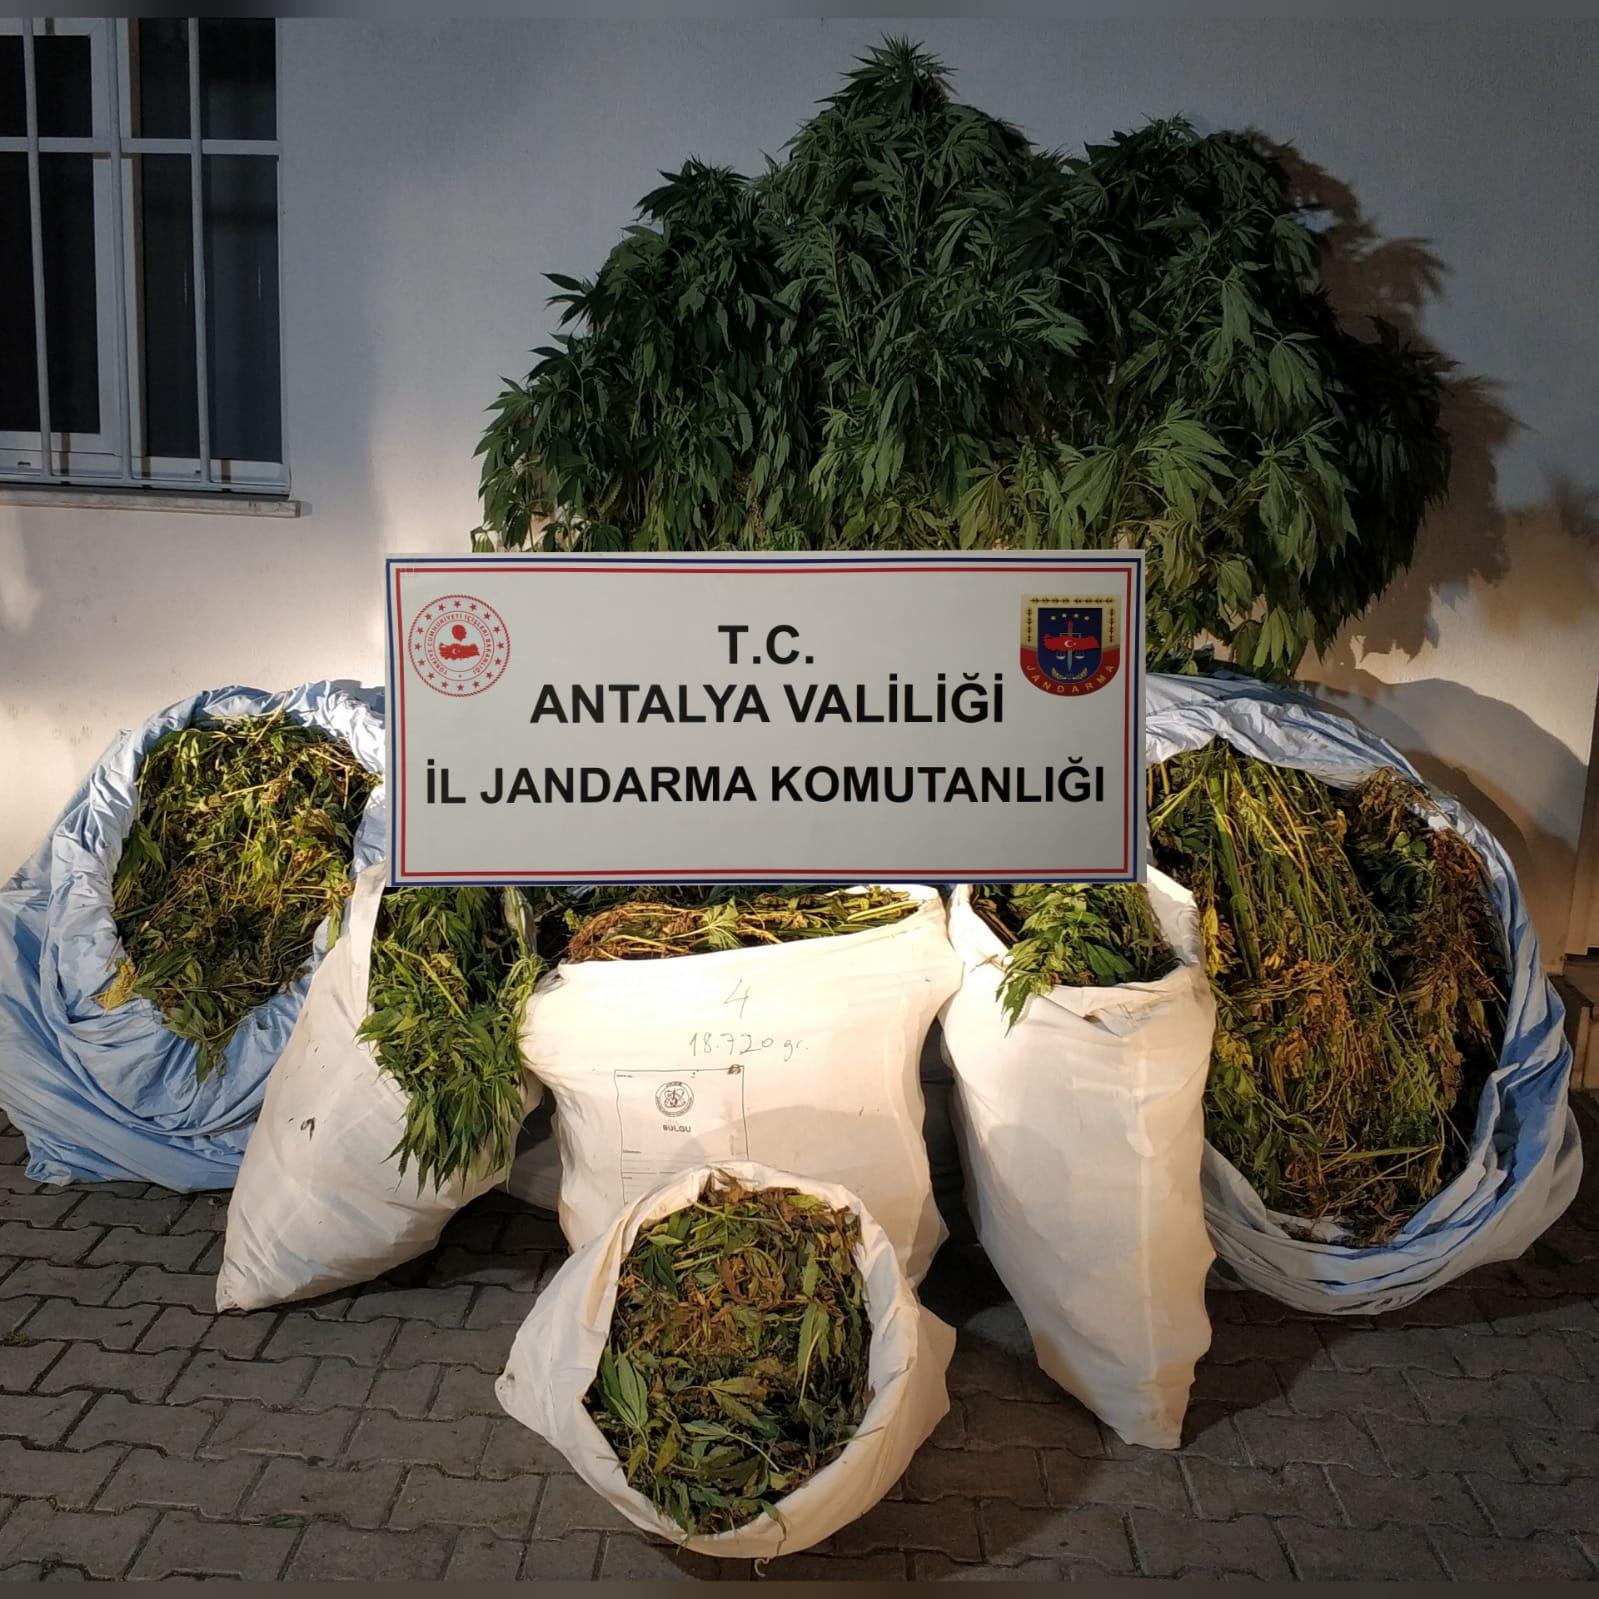 Antalya'da uyuşturucu tacirlerine operasyon! 161 kilo  esrar ele geçirildi